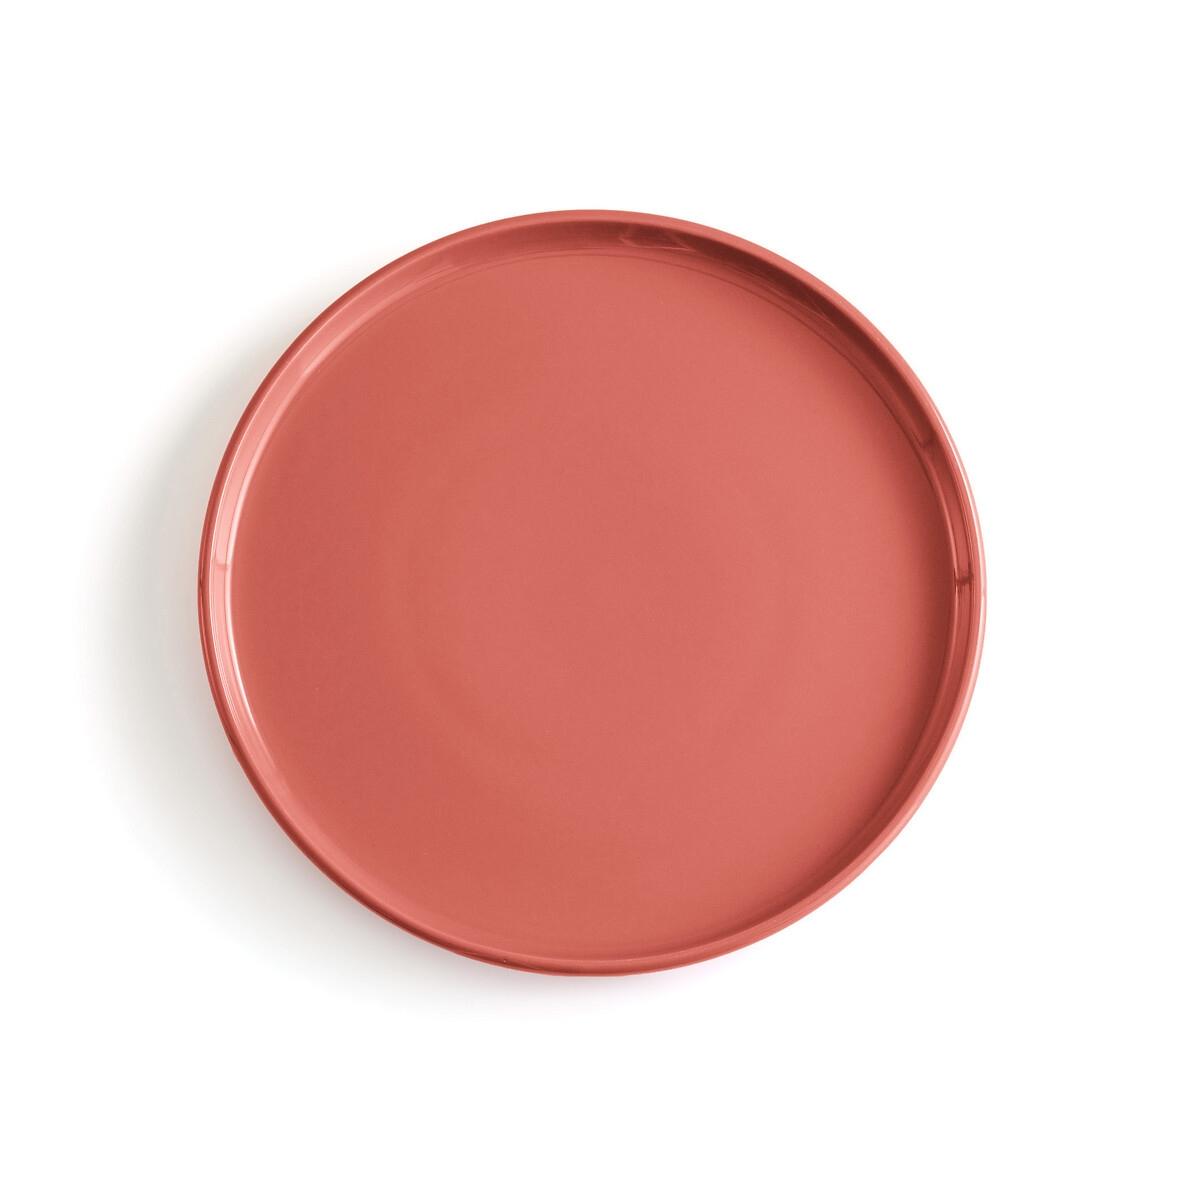 4 тарелки LaRedoute Десертные керамические ELINOR единый размер каштановый